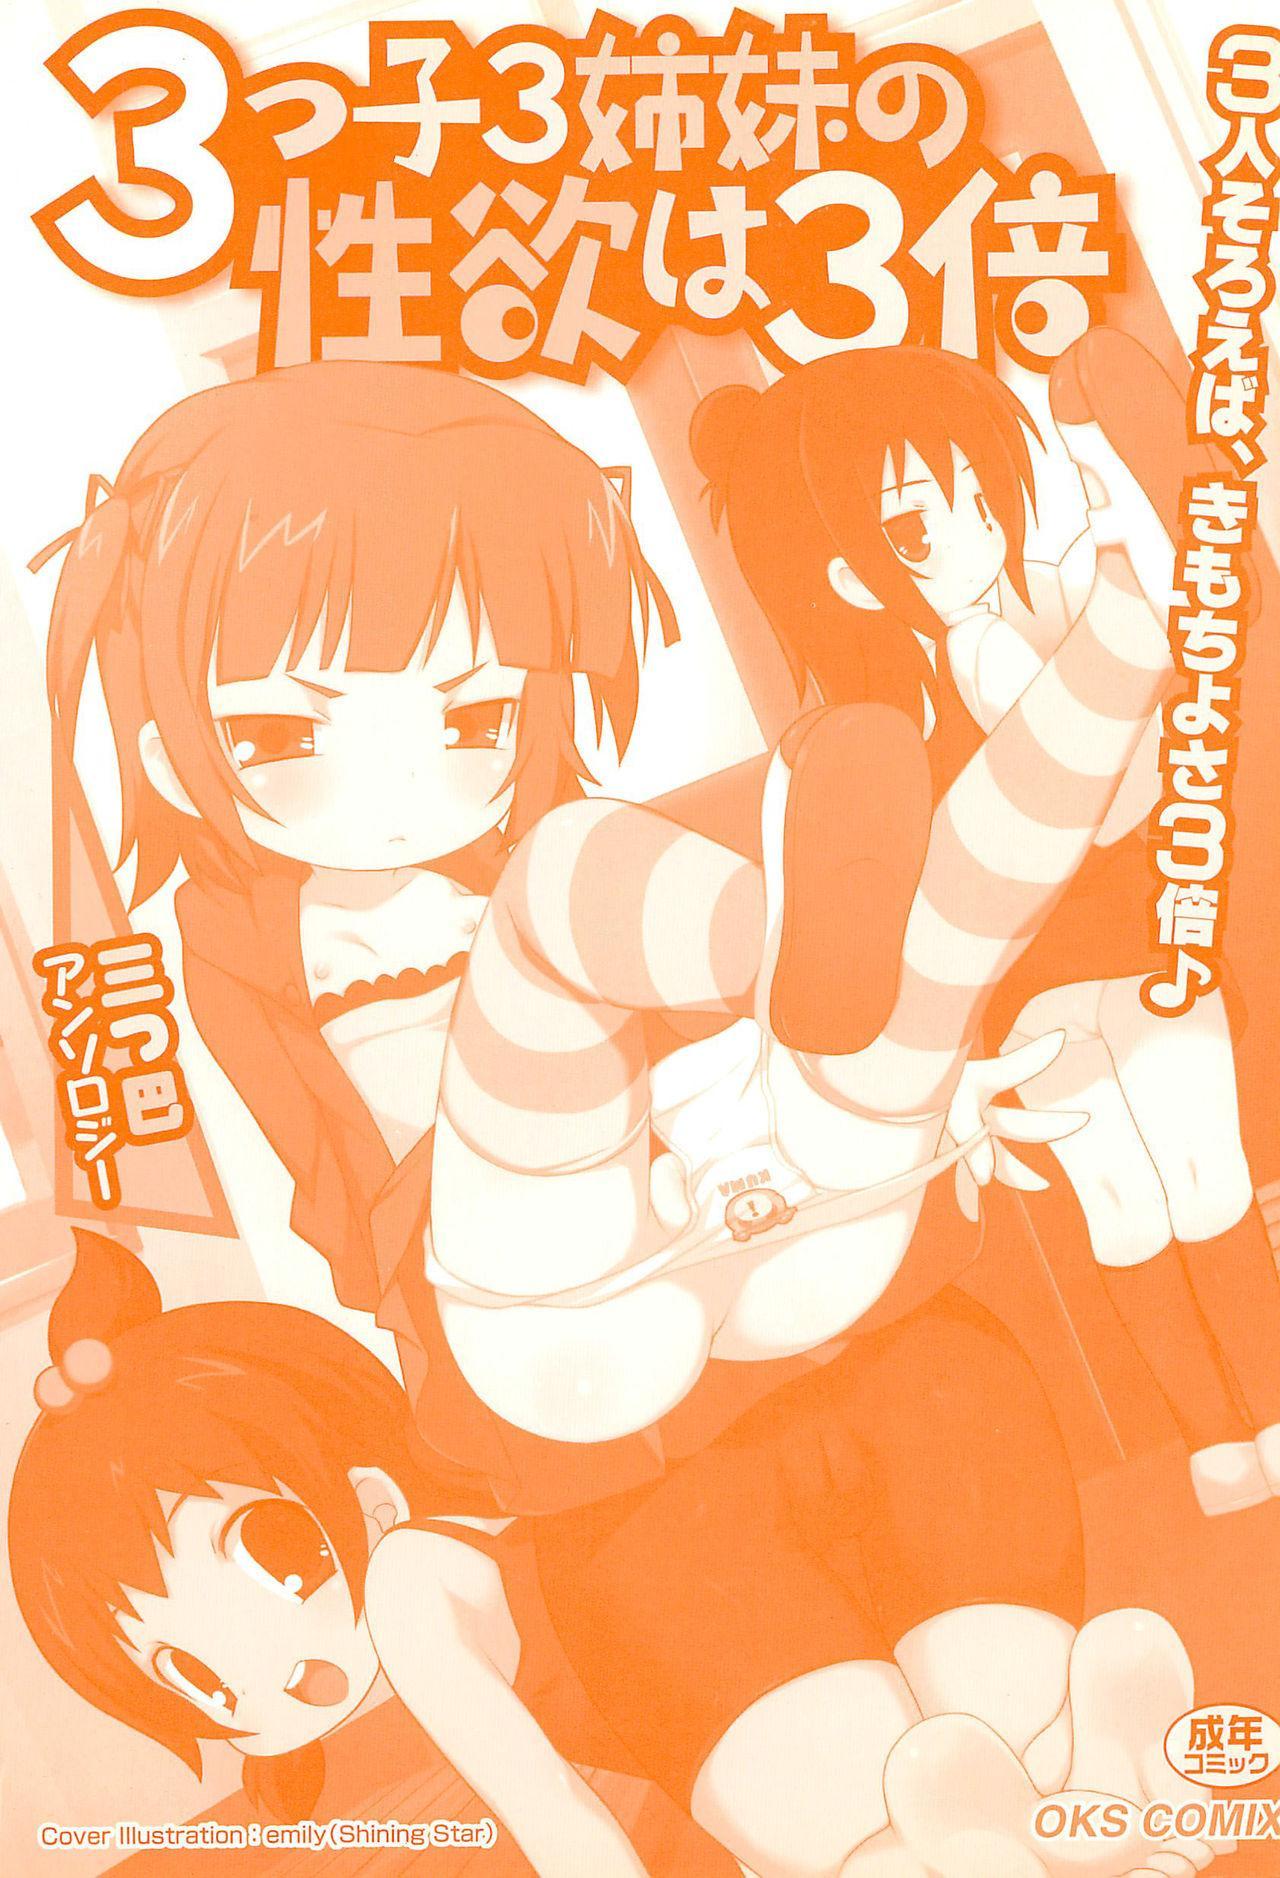 [Anthology] 3-tsugo 3 Shimai no Seiyoku wa 3-bai (Mitsudomoe) 2